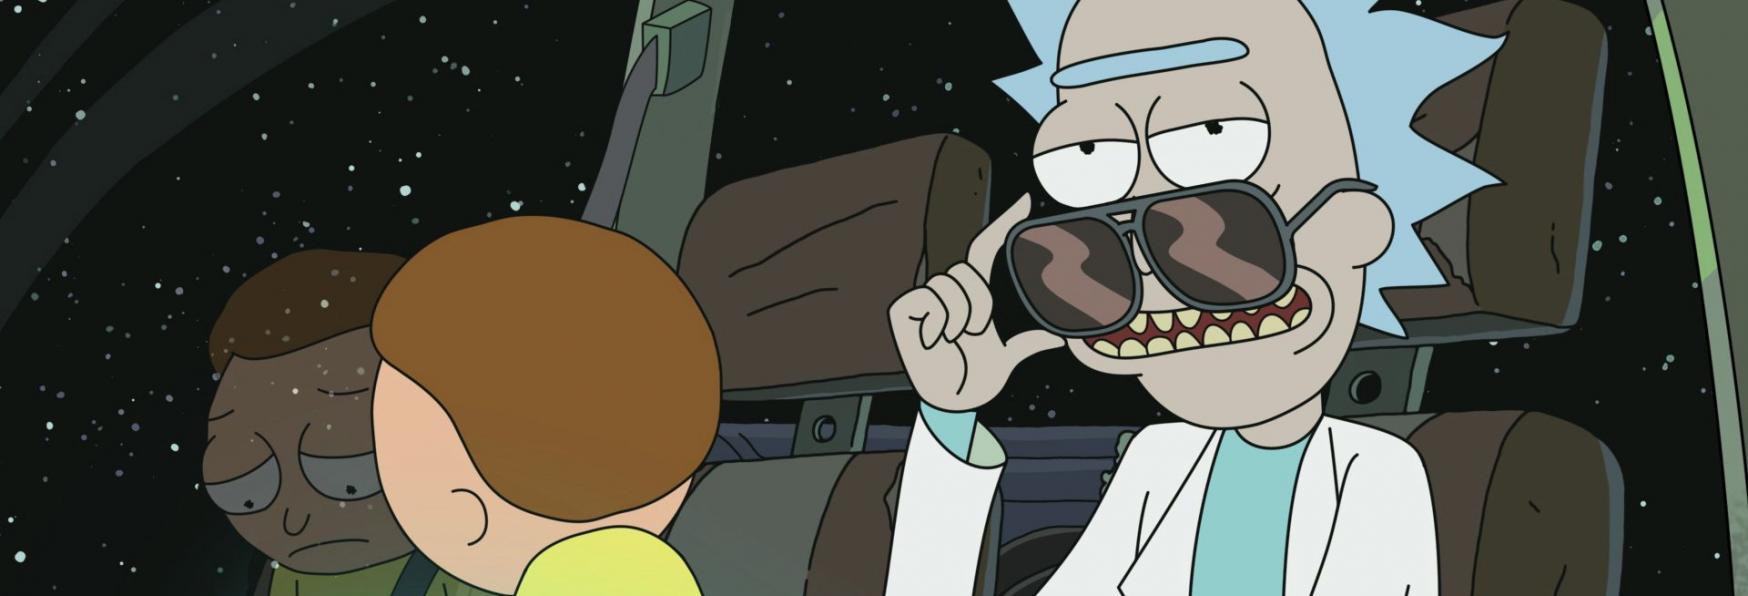 Rick and Morty 5: la Produzione è andata ben oltre la Prossima Stagione!